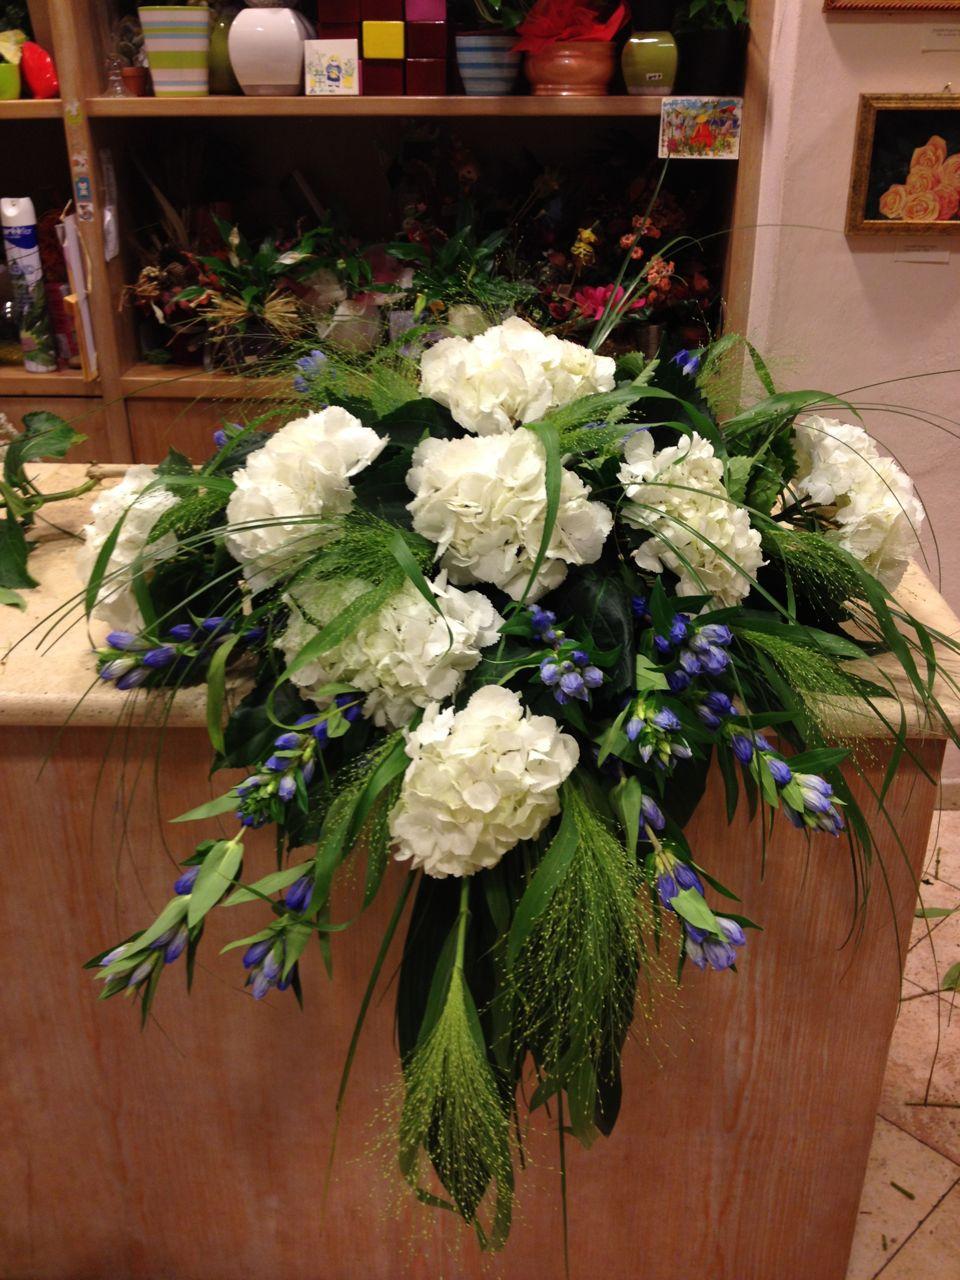 Composizioni Ortensie Matrimonio: Idea ortensie moda nozze forum matrimonio. ...